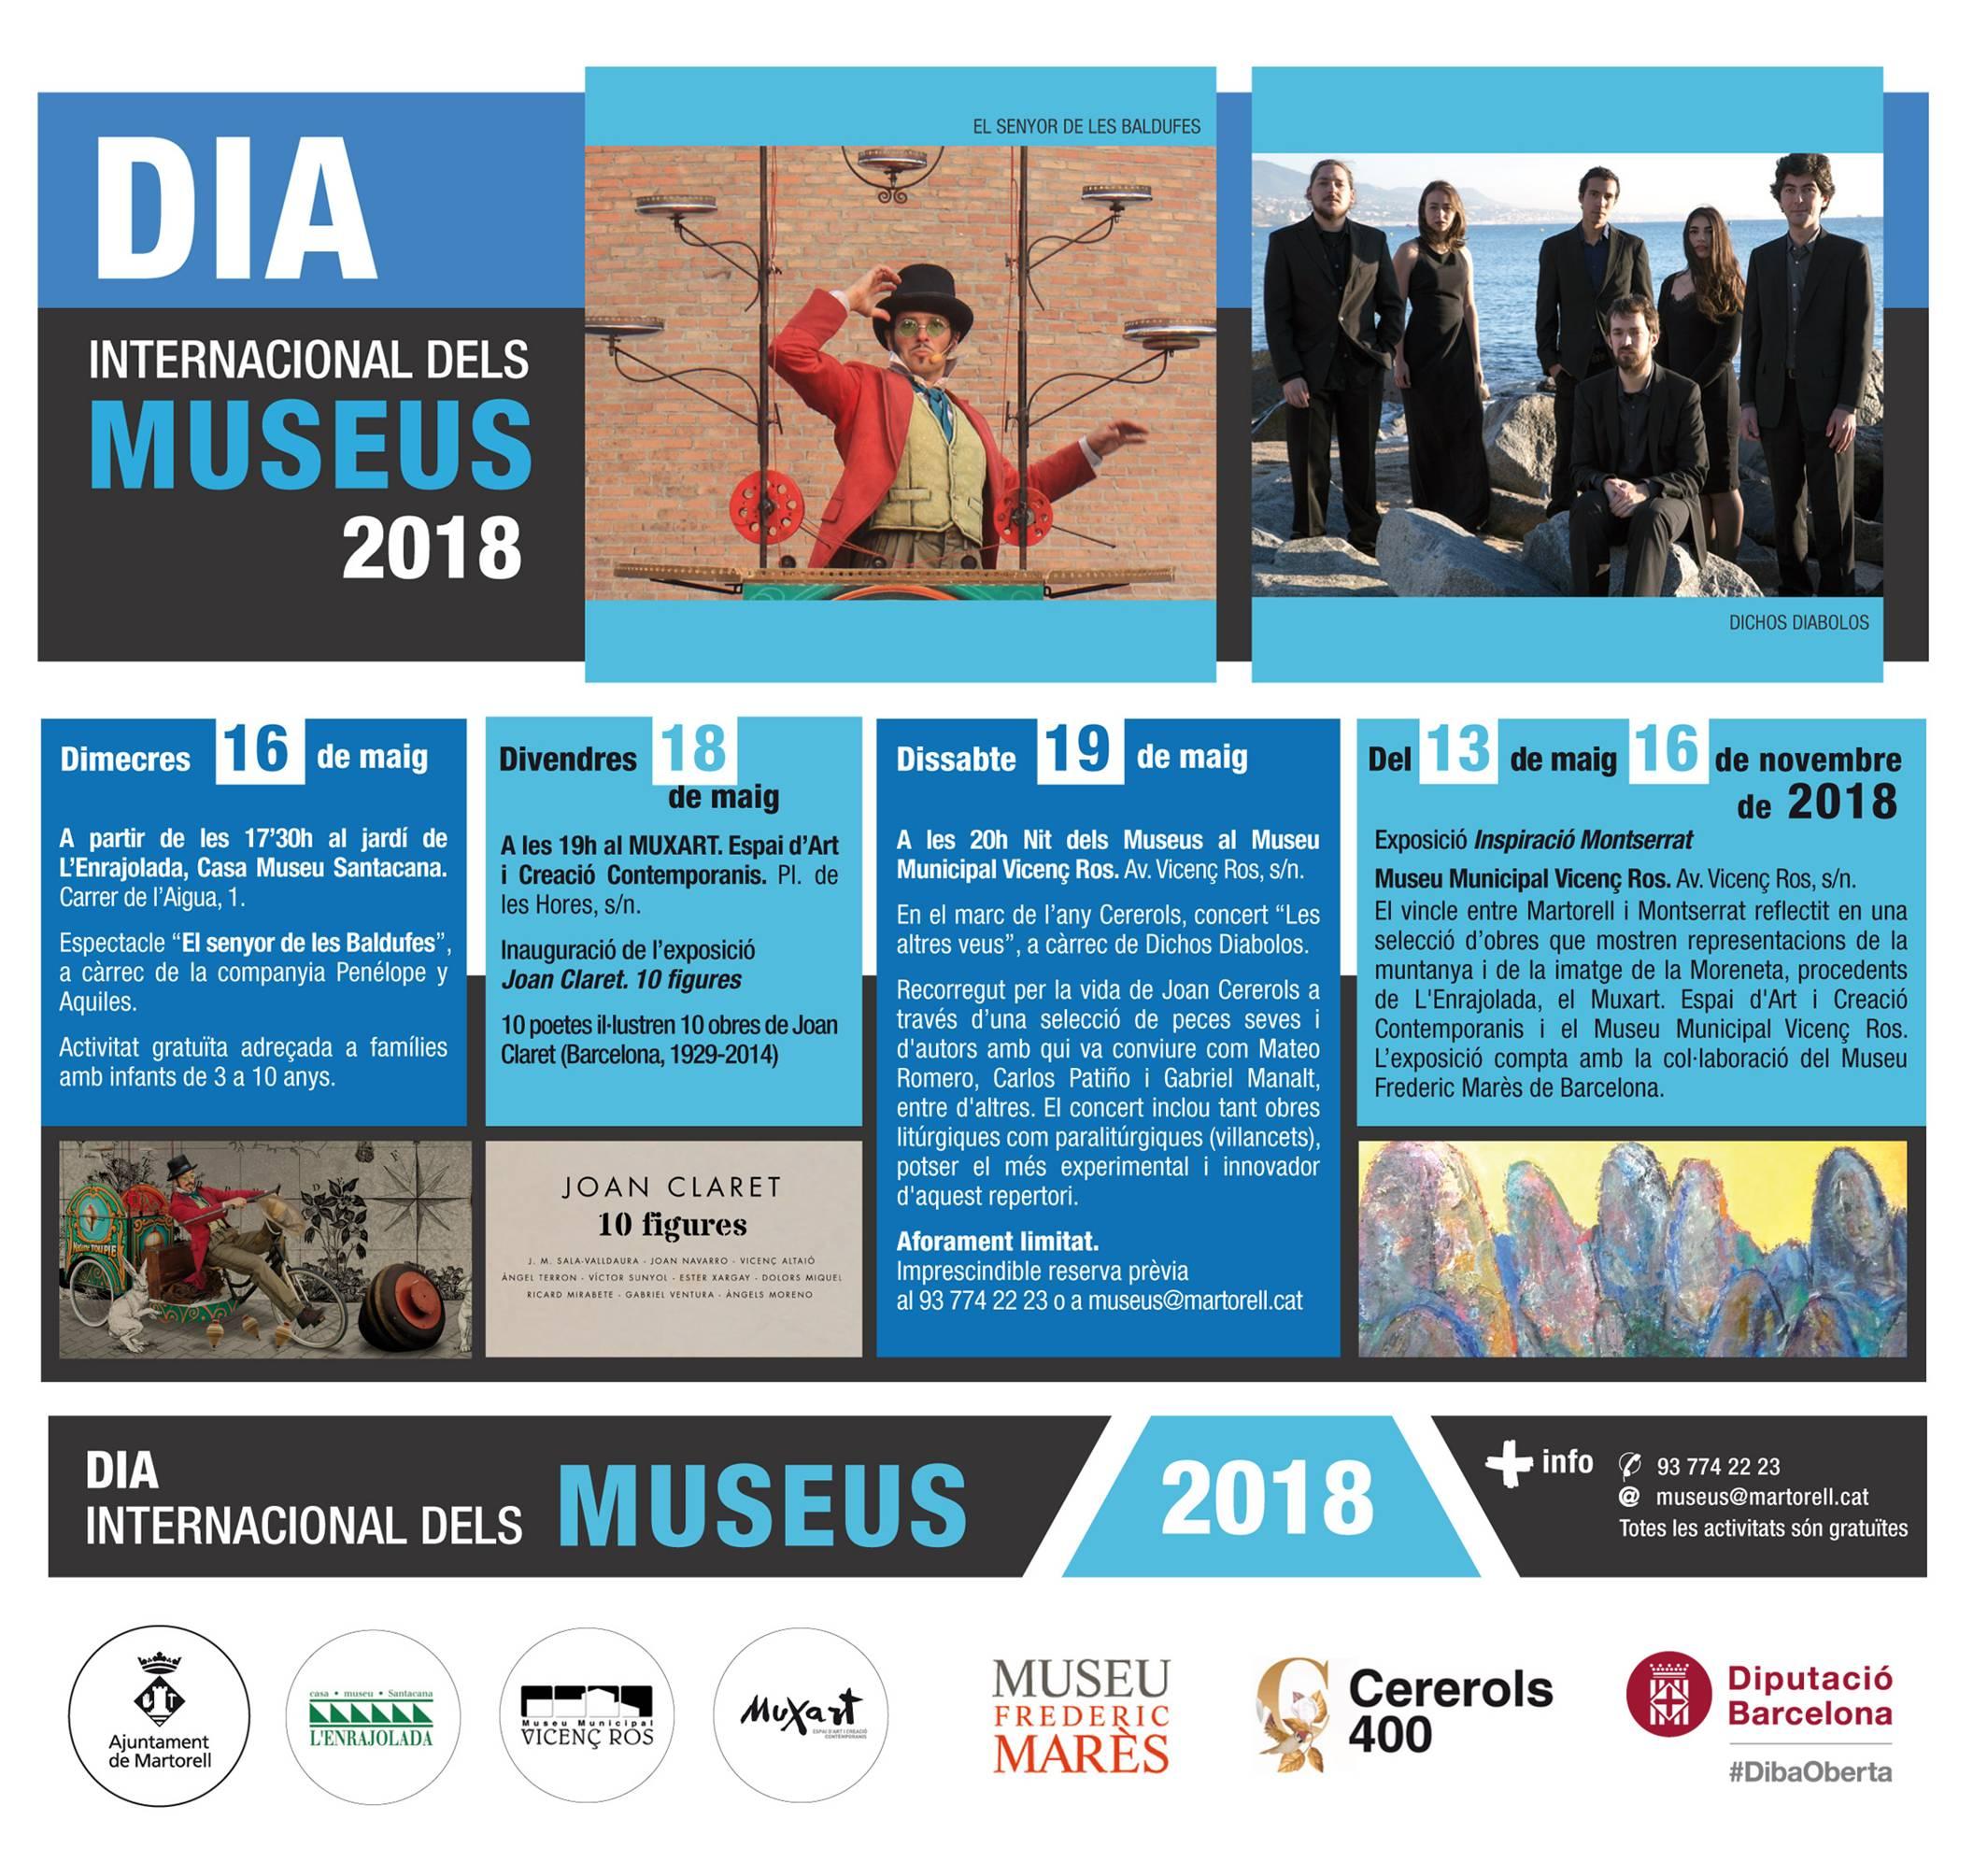 Actes del Dia Internacional dels Museus